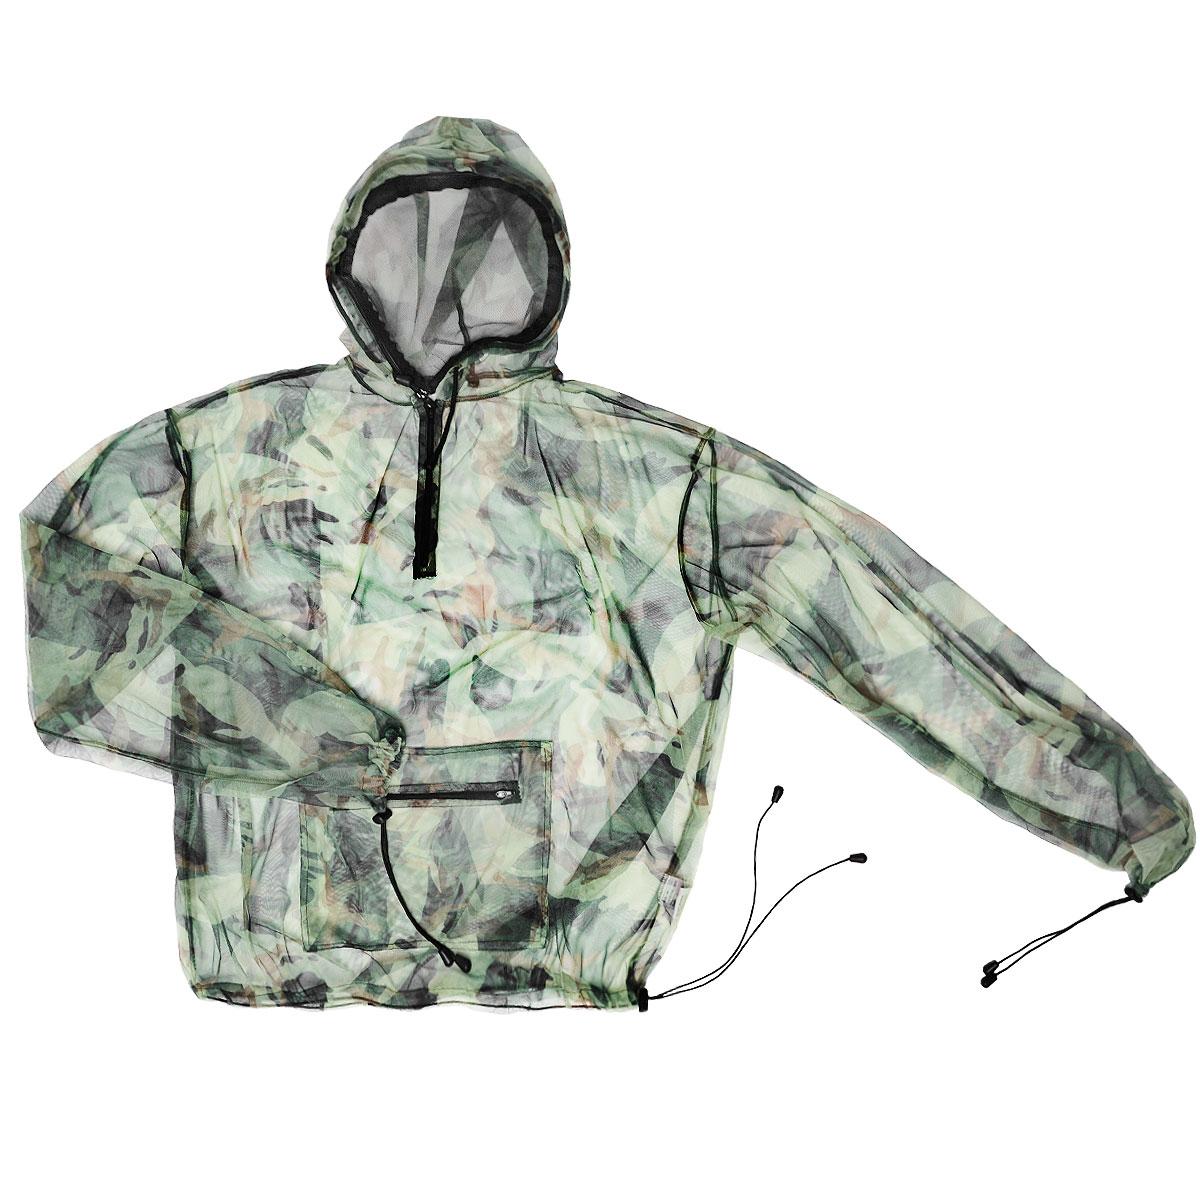 Куртка антимоскитная Norfin, цвет: милитари. 6020. Размер XL (54/56)6020Антимоскитная куртка защитит тело и лицо от насекомых. Куртка с капюшоном и длинными рукавами, выполненная из легкой сетки, на груди застегивается на застежку-молнию. Манжеты на рукавах и низ изделия затягиваются при помощи эластичных резинок с фиксаторами. Спереди она дополнена вместительным карманом на застежке-молнии. Капюшон оснащен защитой лица, которую при необходимости можно снять.Особенности модели:Защита тела и лица от насекомых Передняя молния Возможность снятия защиты с лица Манжеты на рукавах Нижняя стяжка куртки с фиксатором.